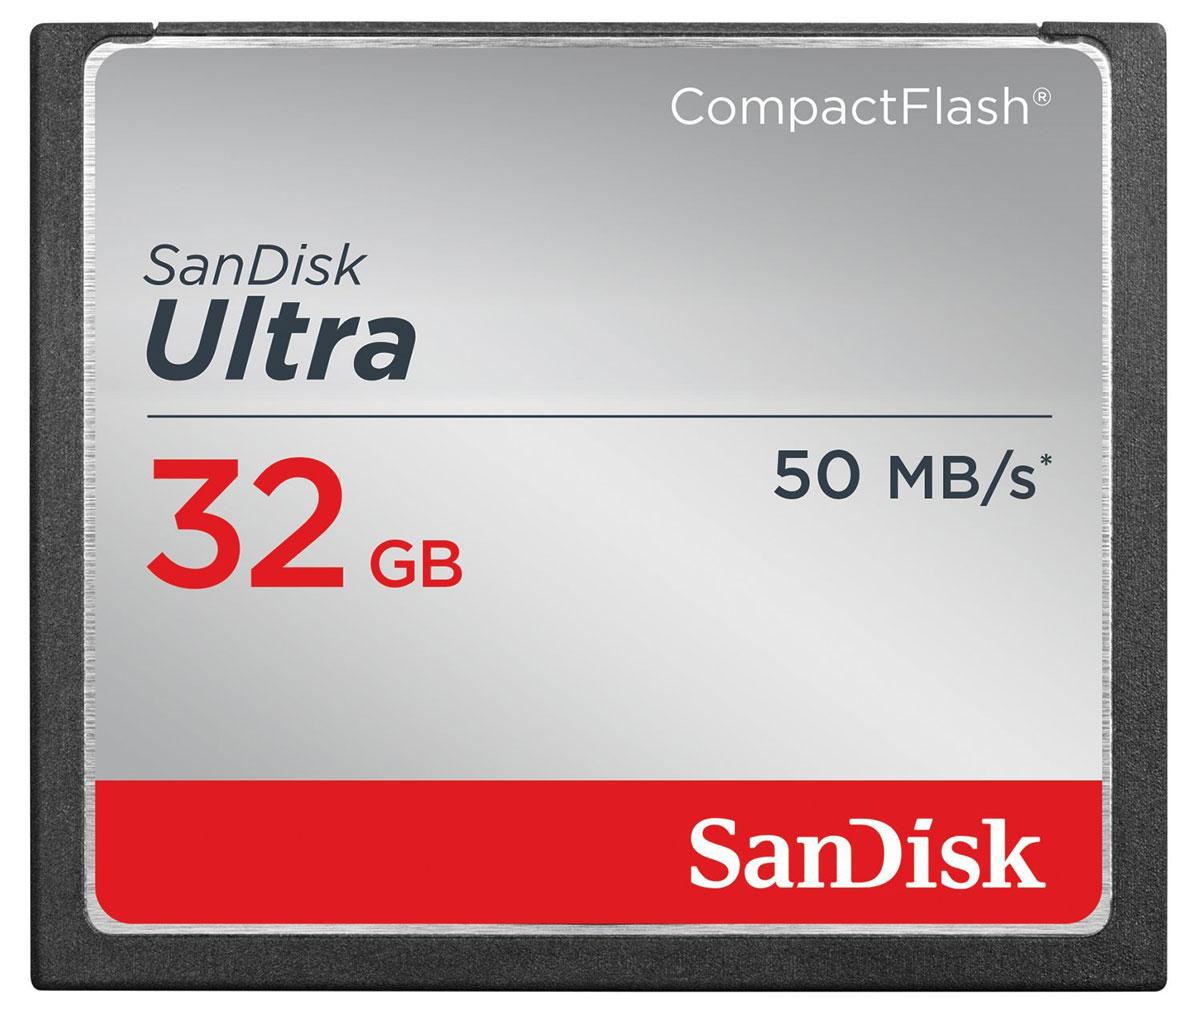 SanDisk Ultra CompactFlash 32GB карта памятиSDCFHS-032G-G46Высокая скорость передачи данных и стабильная производительность карт памяти SanDisk Ultra CompactFlash помогают полностью раскрыть потенциал фотоаппаратов, видеокамер и других устройств, рассчитанных на карты памяти CompactFlash. Емкость этих карт CompactFlash достигает 32 ГБ, чтобы вы могли вести съемку, не беспокоясь о количестве свободного места.Карты памяти SanDisk Ultra CompactFlash отличаются идеальным сочетанием надежности, цены и производительности для любителей фотографии, пользующихся зеркальными цифровыми фотоаппаратами начального и среднего уровней. Снимайте мимолетные мгновенья и экономьте время на перемещении файлов на компьютер благодаря скорости передачи данных до 50 МБ/с (8-32 ГБ). Карты памяти SanDisk Ultra CompactFlash - это надежные и высокопроизводительные устройства для съемки и хранения фотографий и видео. Поэтому фотографы по всему миру отдают предпочтение картам SanDisk, когда речь заходит о хранении важнейших воспоминаний.На картах памяти SanDisk Ultra CompactFlash достаточно места для хранения фотографий высокого разрешения, в том числе в форматах RAW и JPEG.